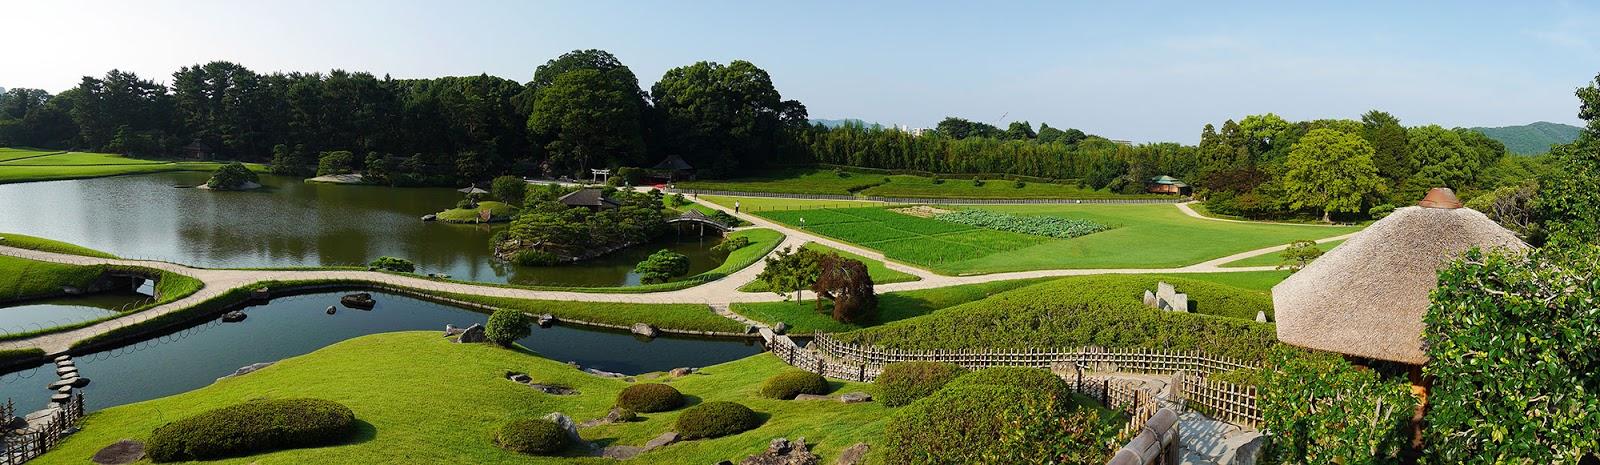 Japon okayama et naoshima sur la route des flo for Jardin korakuen